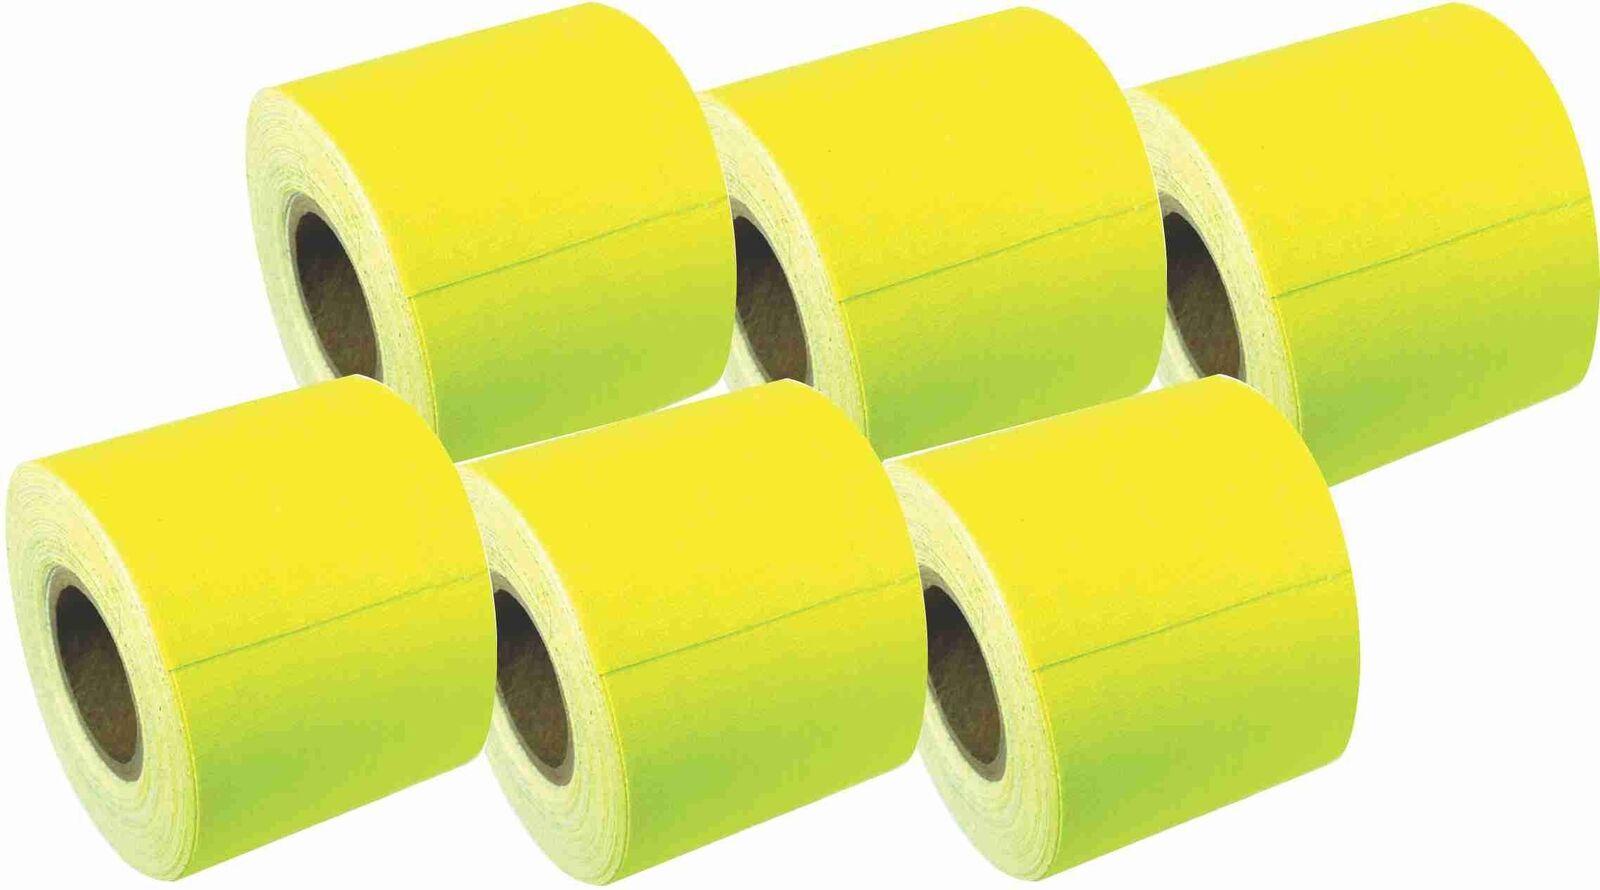 2  x 8 YARD MINI ROLL GAFFERS TAPE - FLORESCENT Gelb - 6 Pack